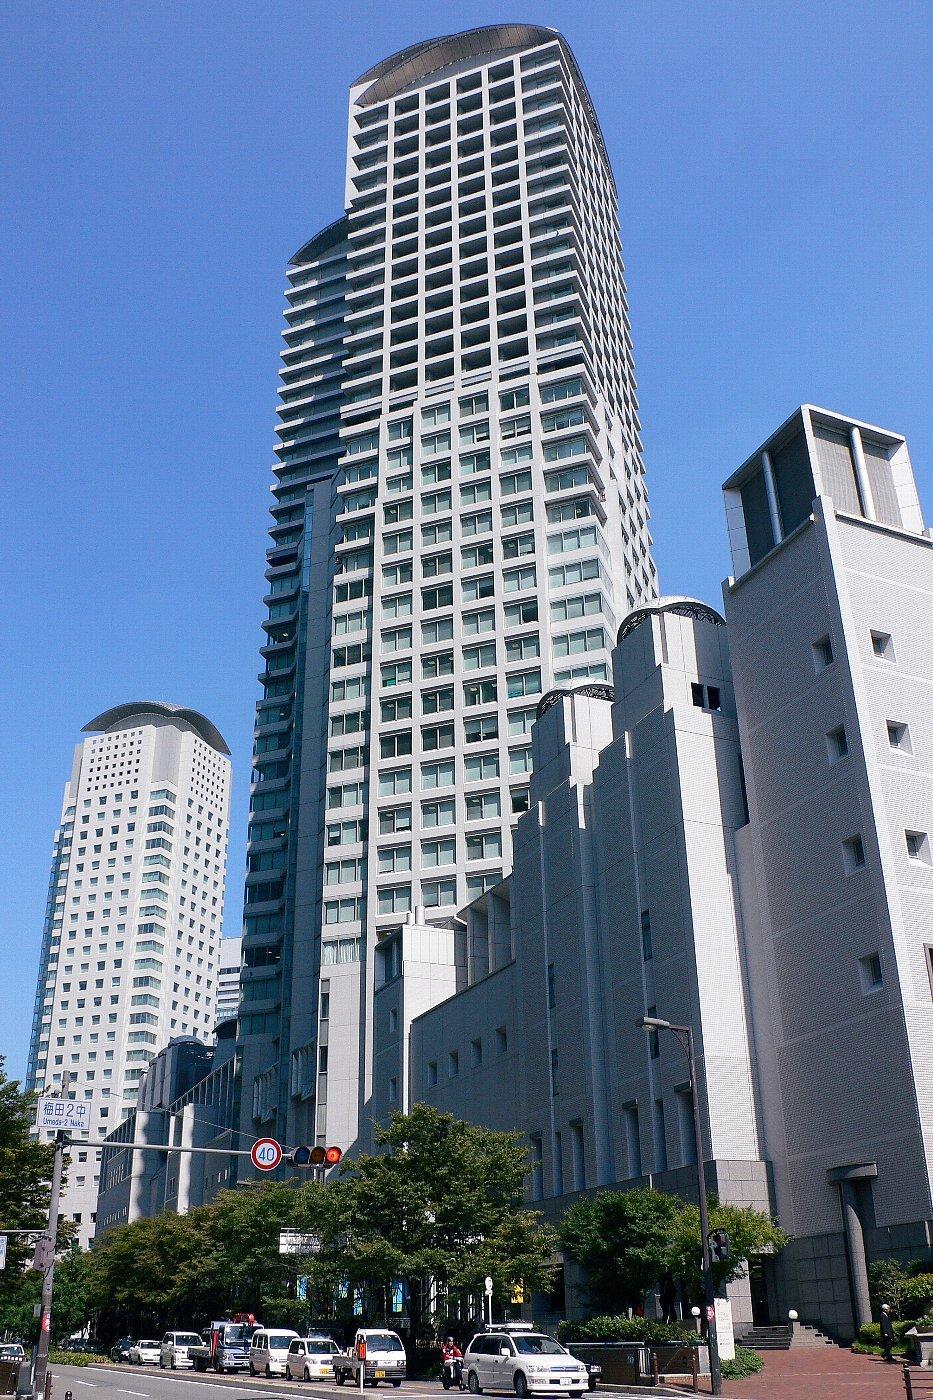 ハービスOSAKA / ハービスPLAZA(オオサカガーデンシティ)_c0112559_08040701.jpg